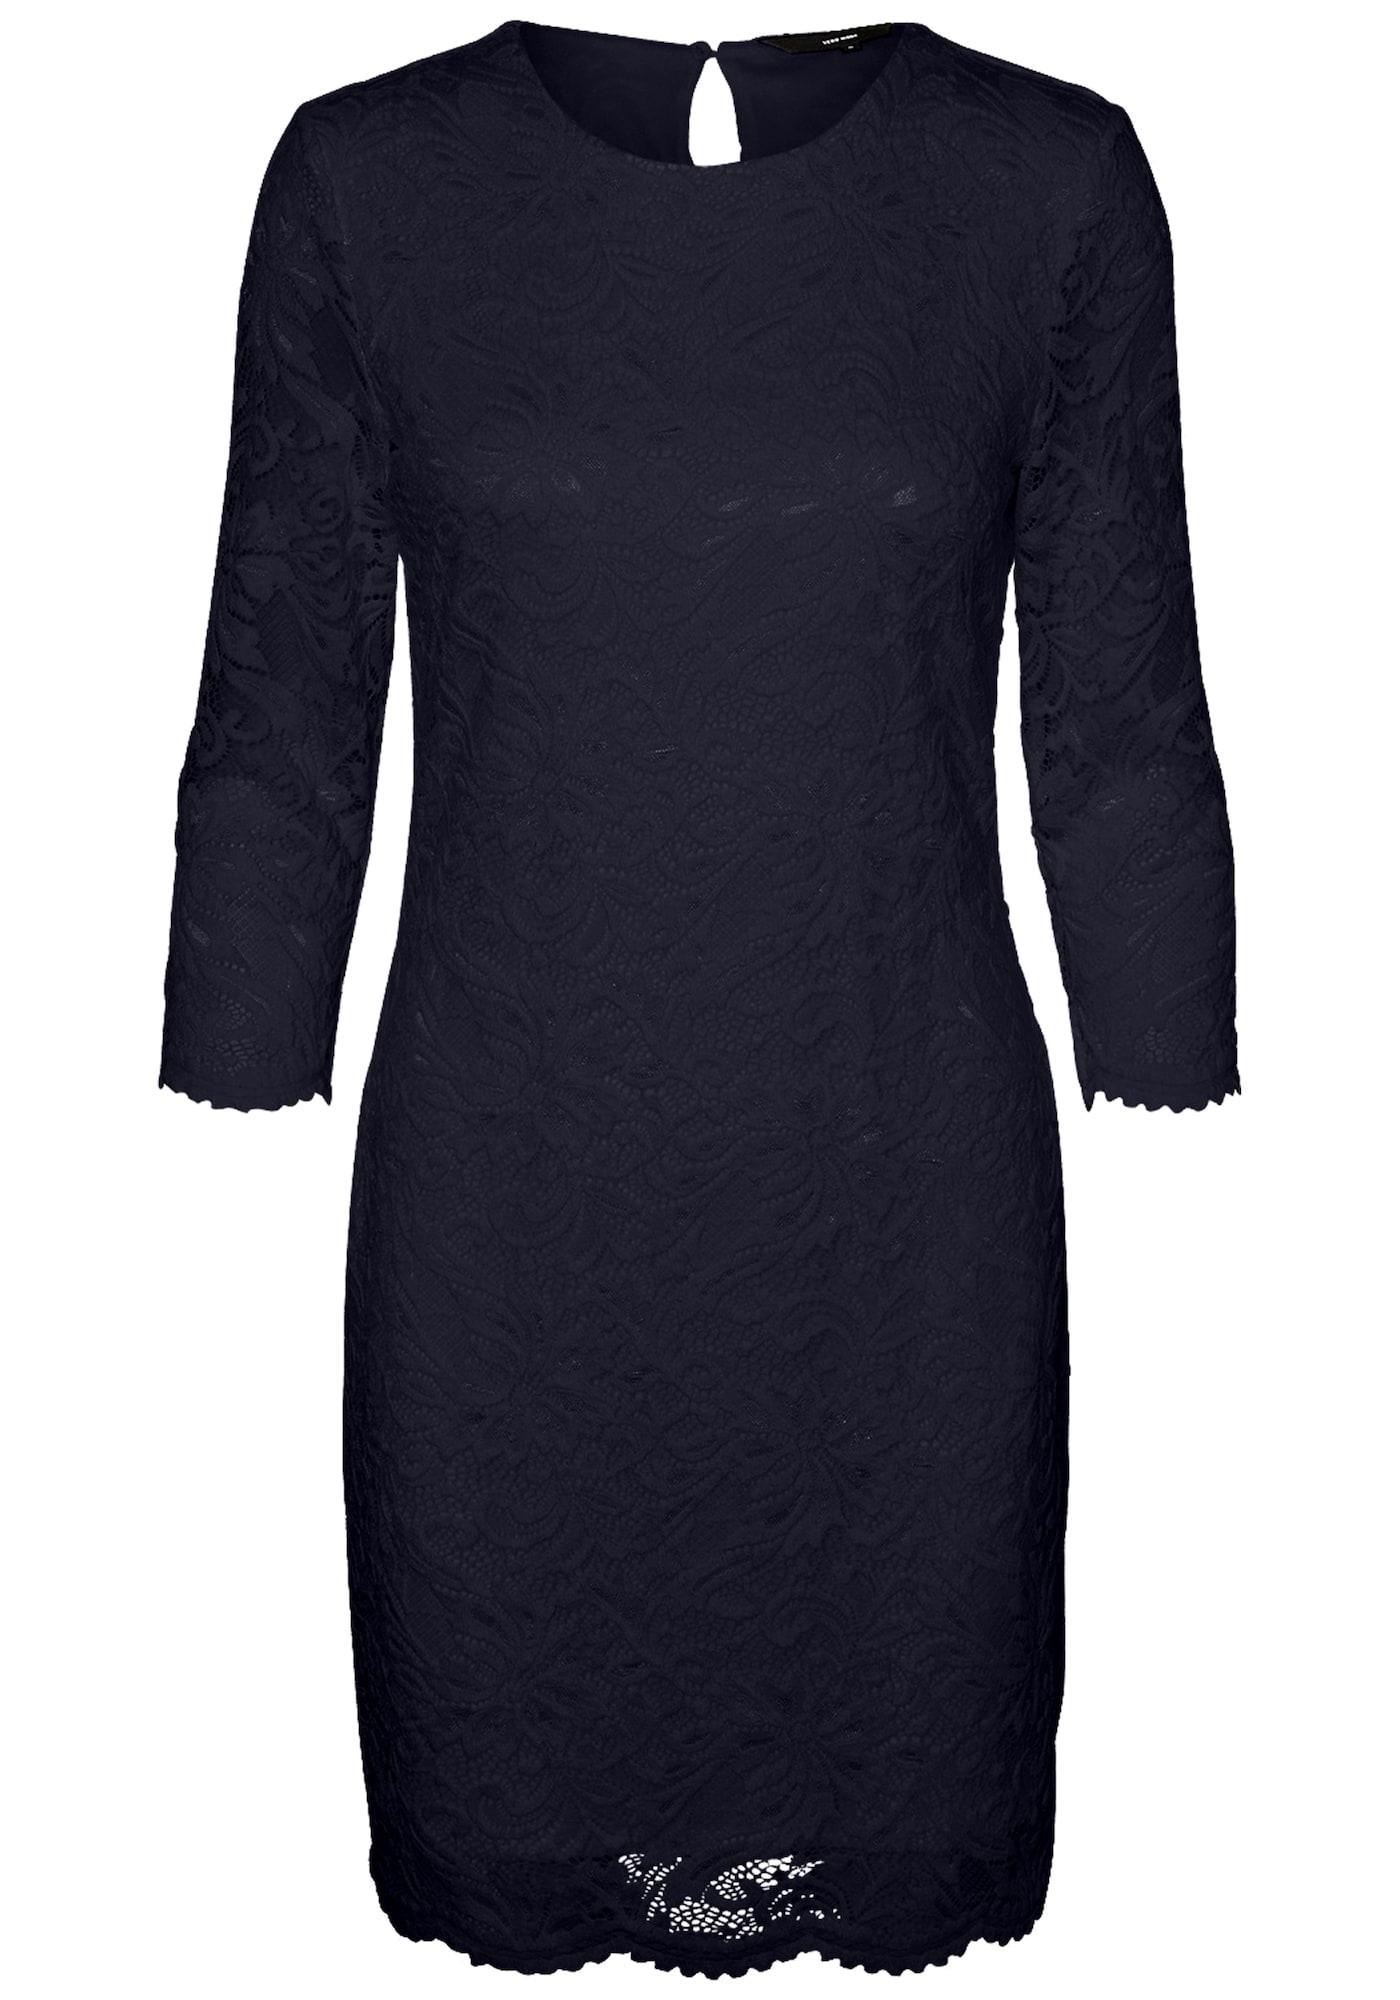 Spitzenkleid 'EWELINA' | Bekleidung > Kleider > Spitzenkleider | Vero Moda